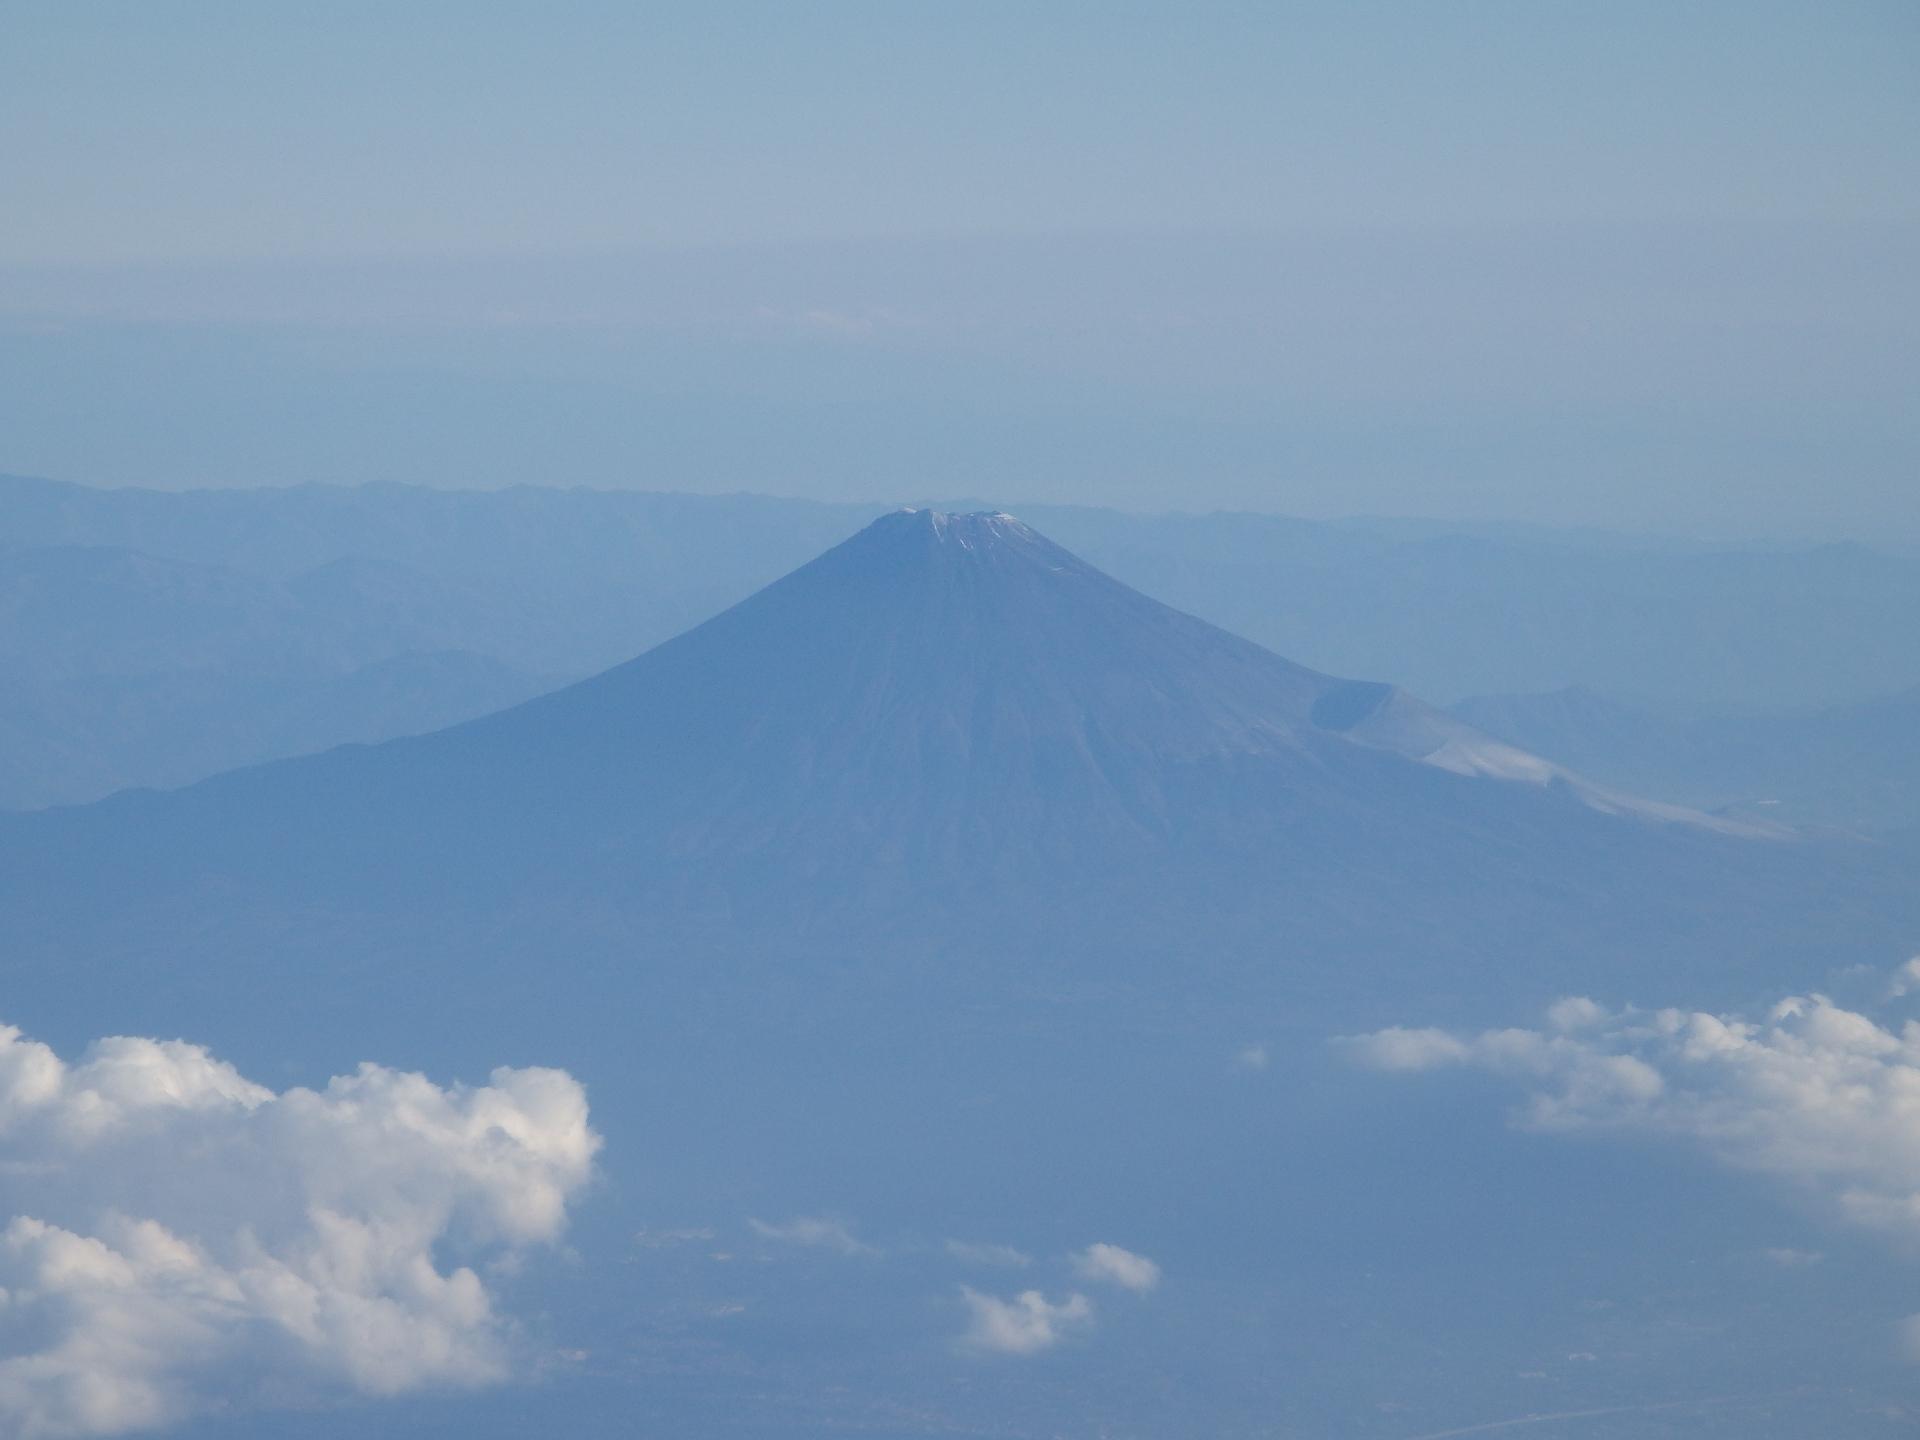 孤高の霊峰富士です。